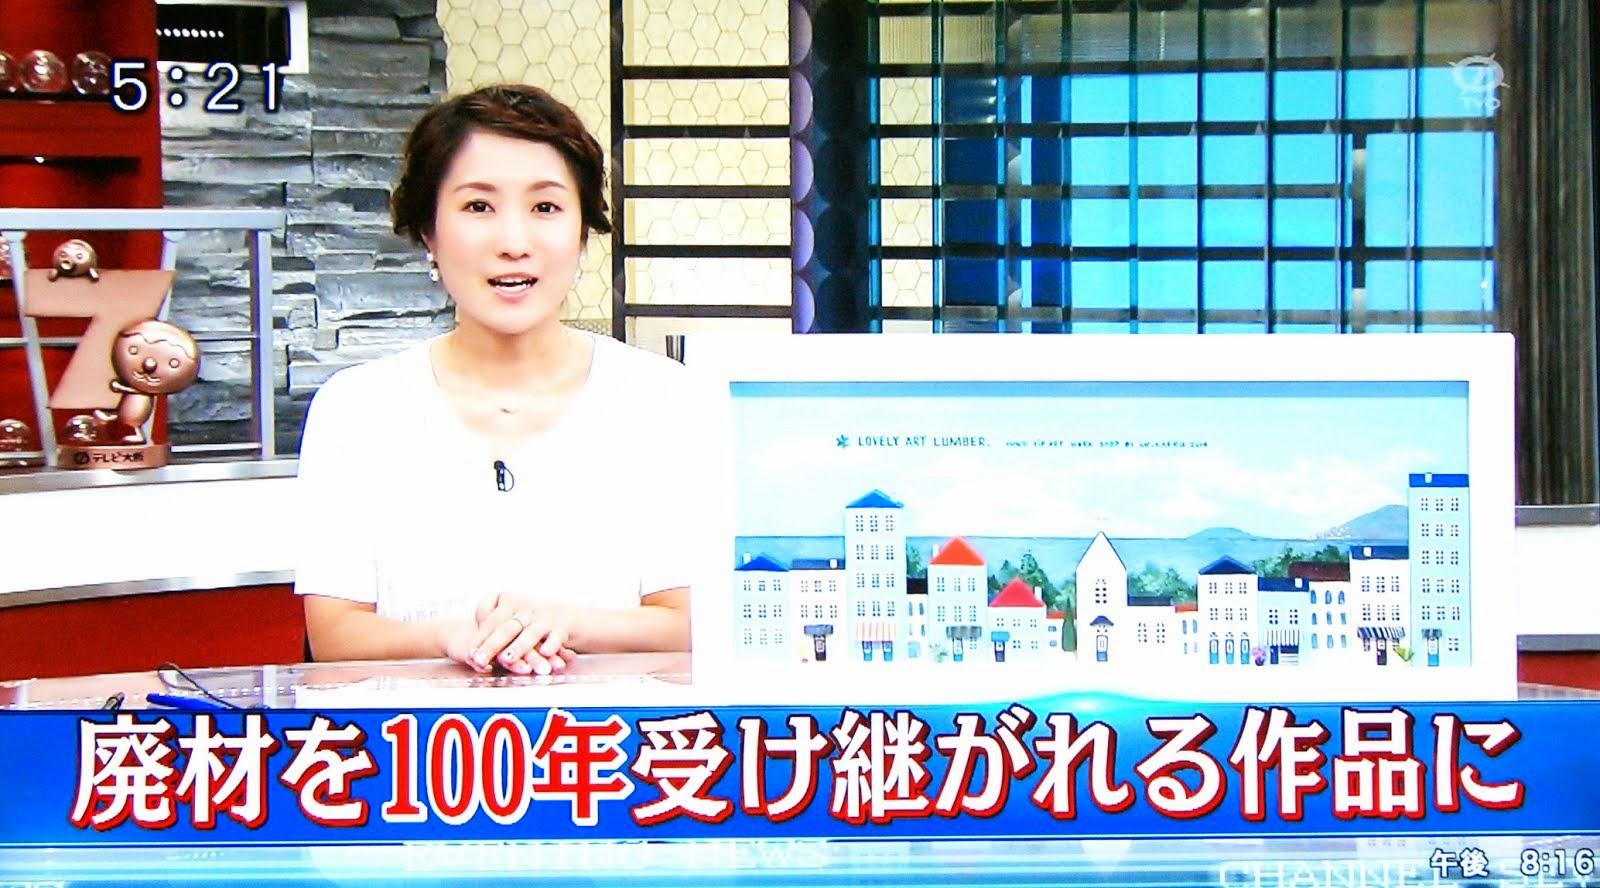 2014.9 テレビ大阪で手づくり作家紹介の特集で放映。